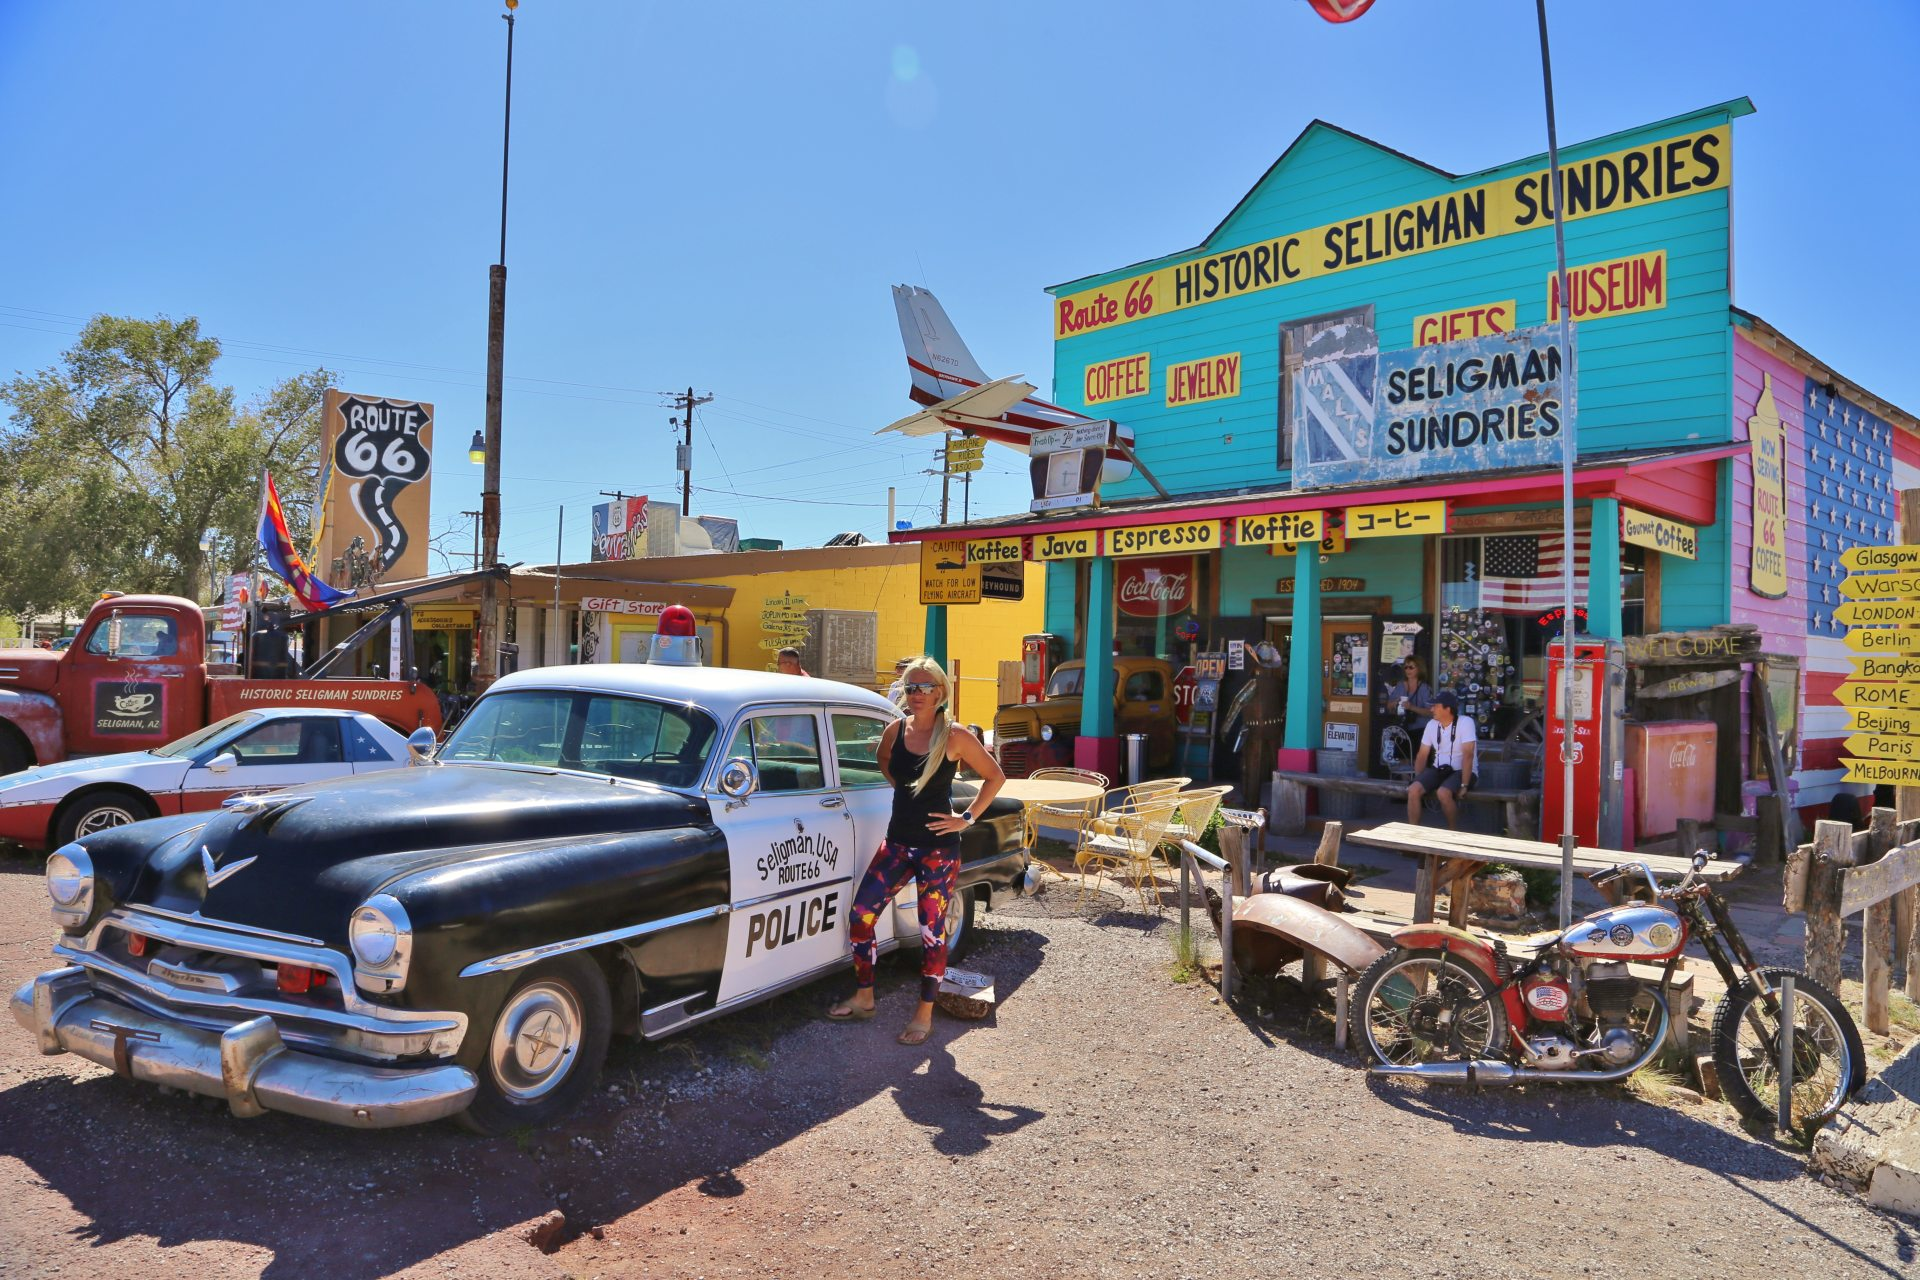 Von dem Polizeischlitten lass auch ich mich abführen - Arizona, Auto, Beschilderung, Blondine, Fahrzeug, Gebäude, Himmel, KFZ, Motorrad, Personen, Polizei, Route 66, Schilder, Seligman, Souvenierladen - HOFBAUER-HOFMANN Sofia - (Seligman, Arizona, Vereinigte Staaten)